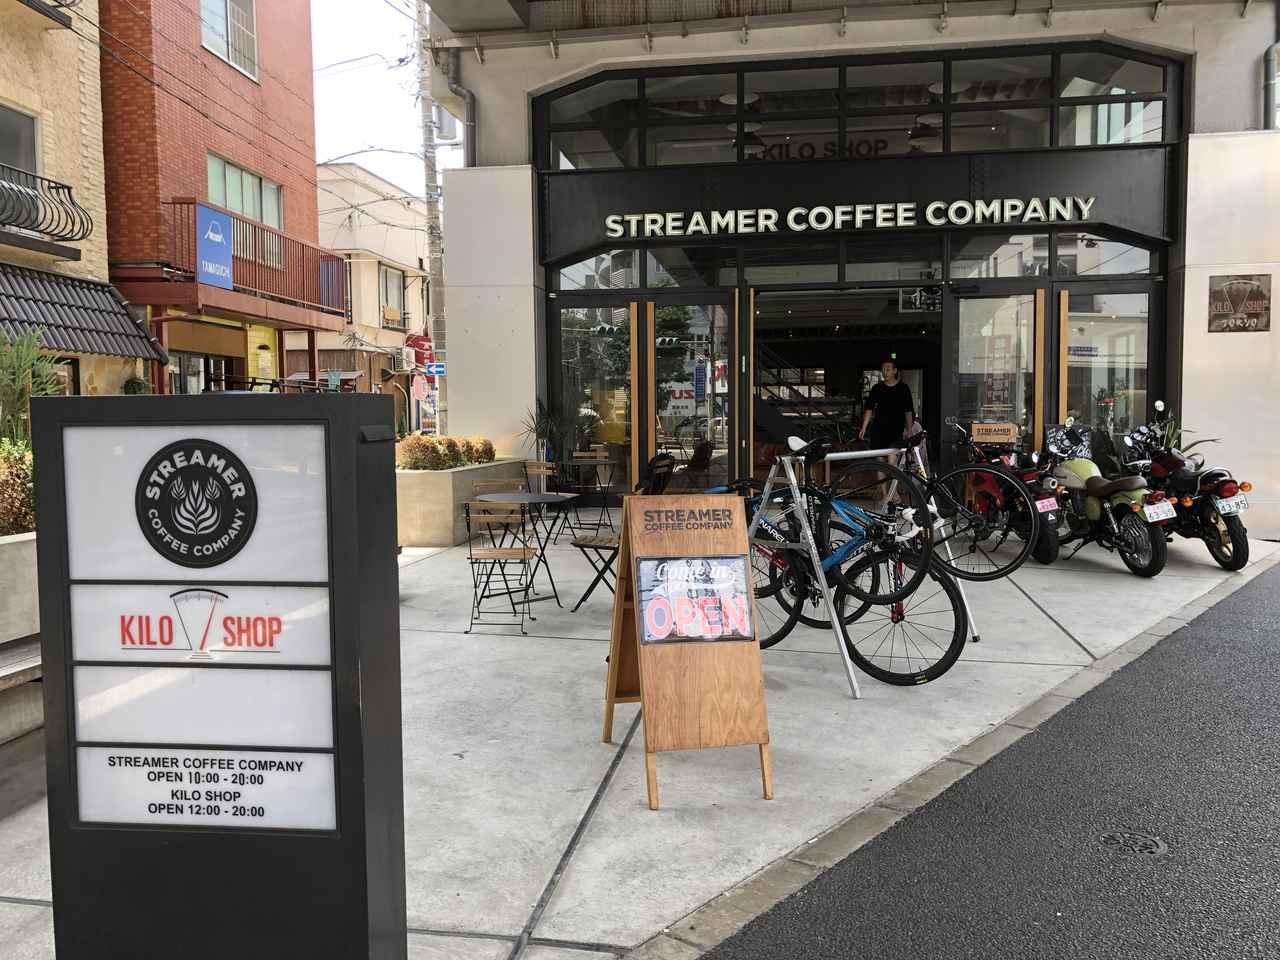 画像1: 学芸大学にあるカフェ、STREAMER COFFEE COMPANY